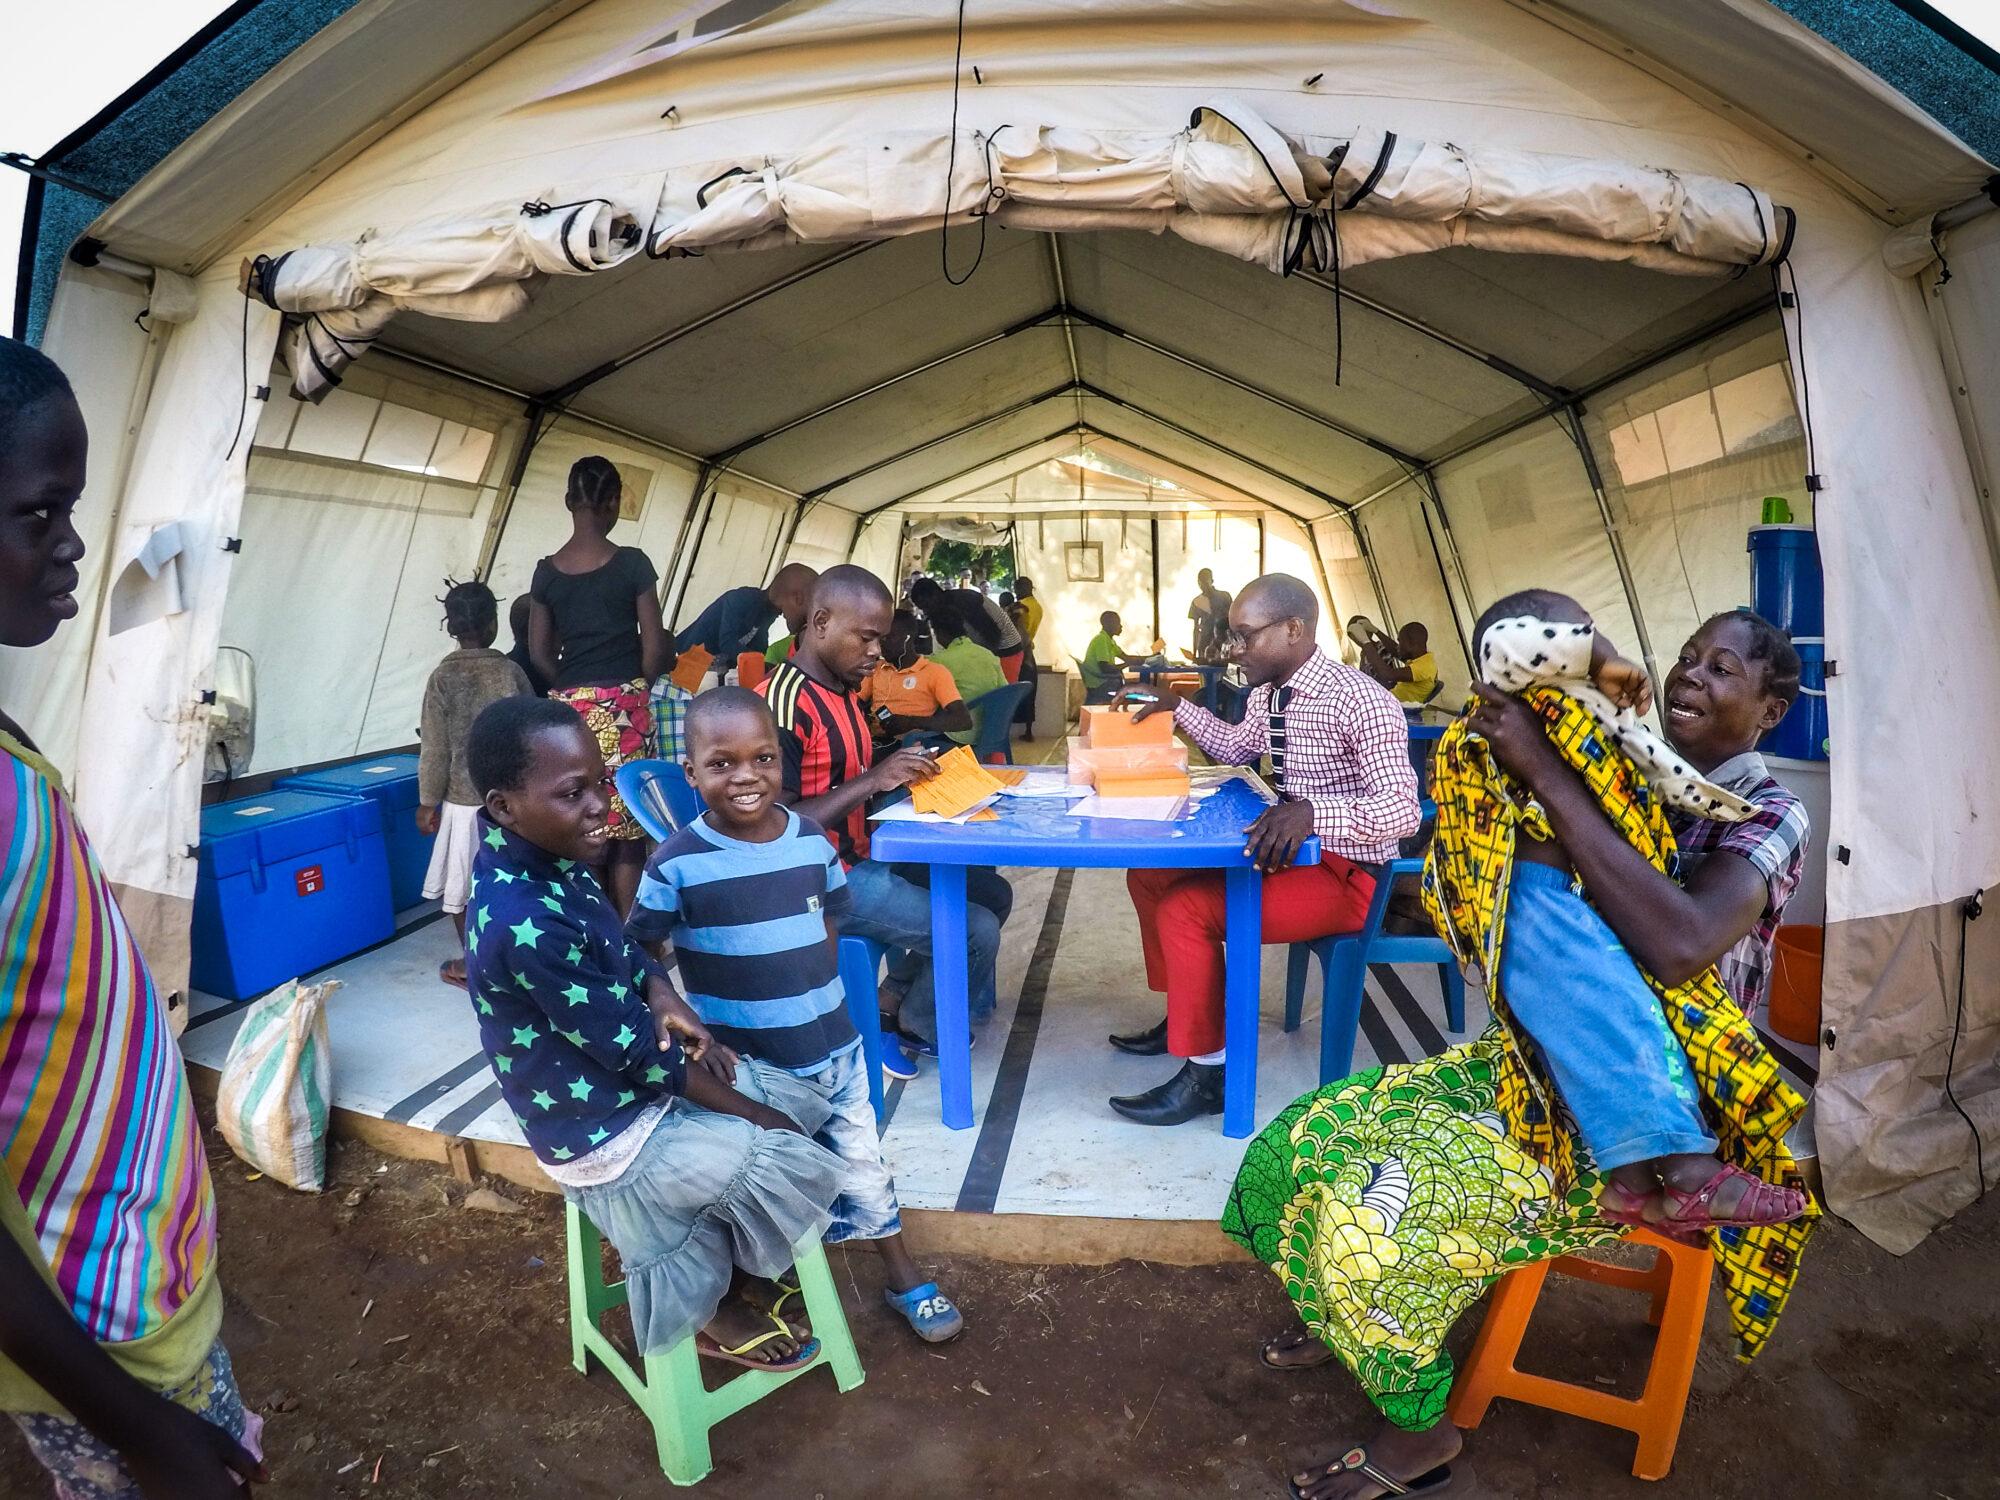 Telttaan on rakennettu rokotuspiste, jossa rokotetaan lapsia tauteja, kuten keltakuumetta ja poliota vastaan Angolassa.